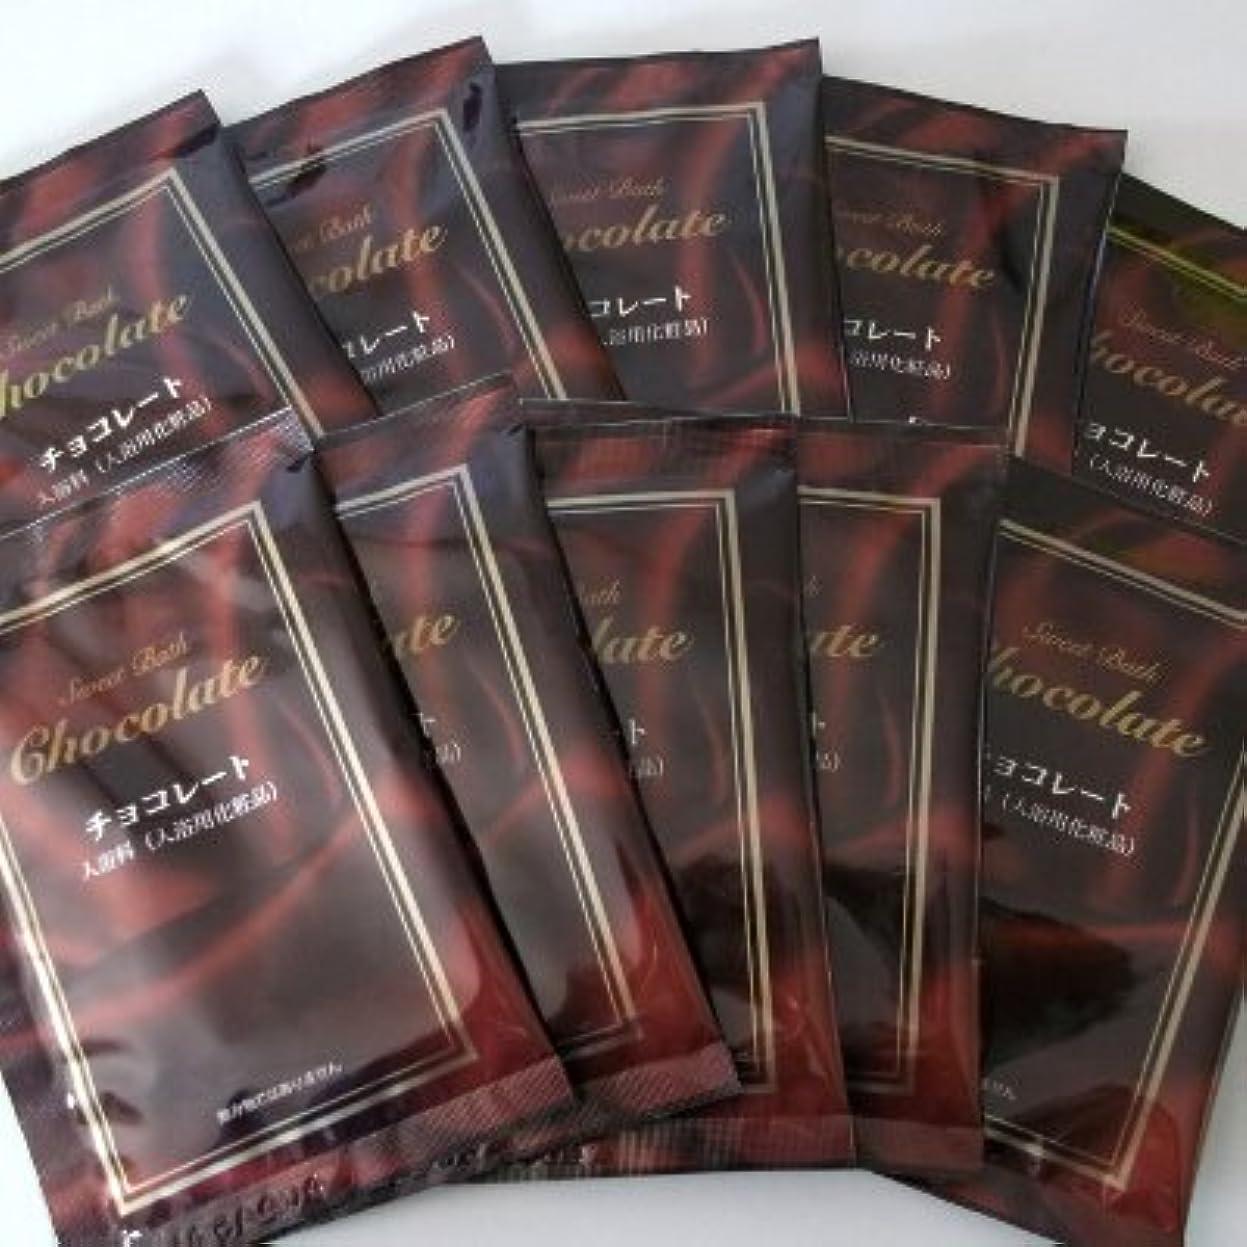 ハイキング解釈する薬局スイートバス チョコレートの香り 10包セット